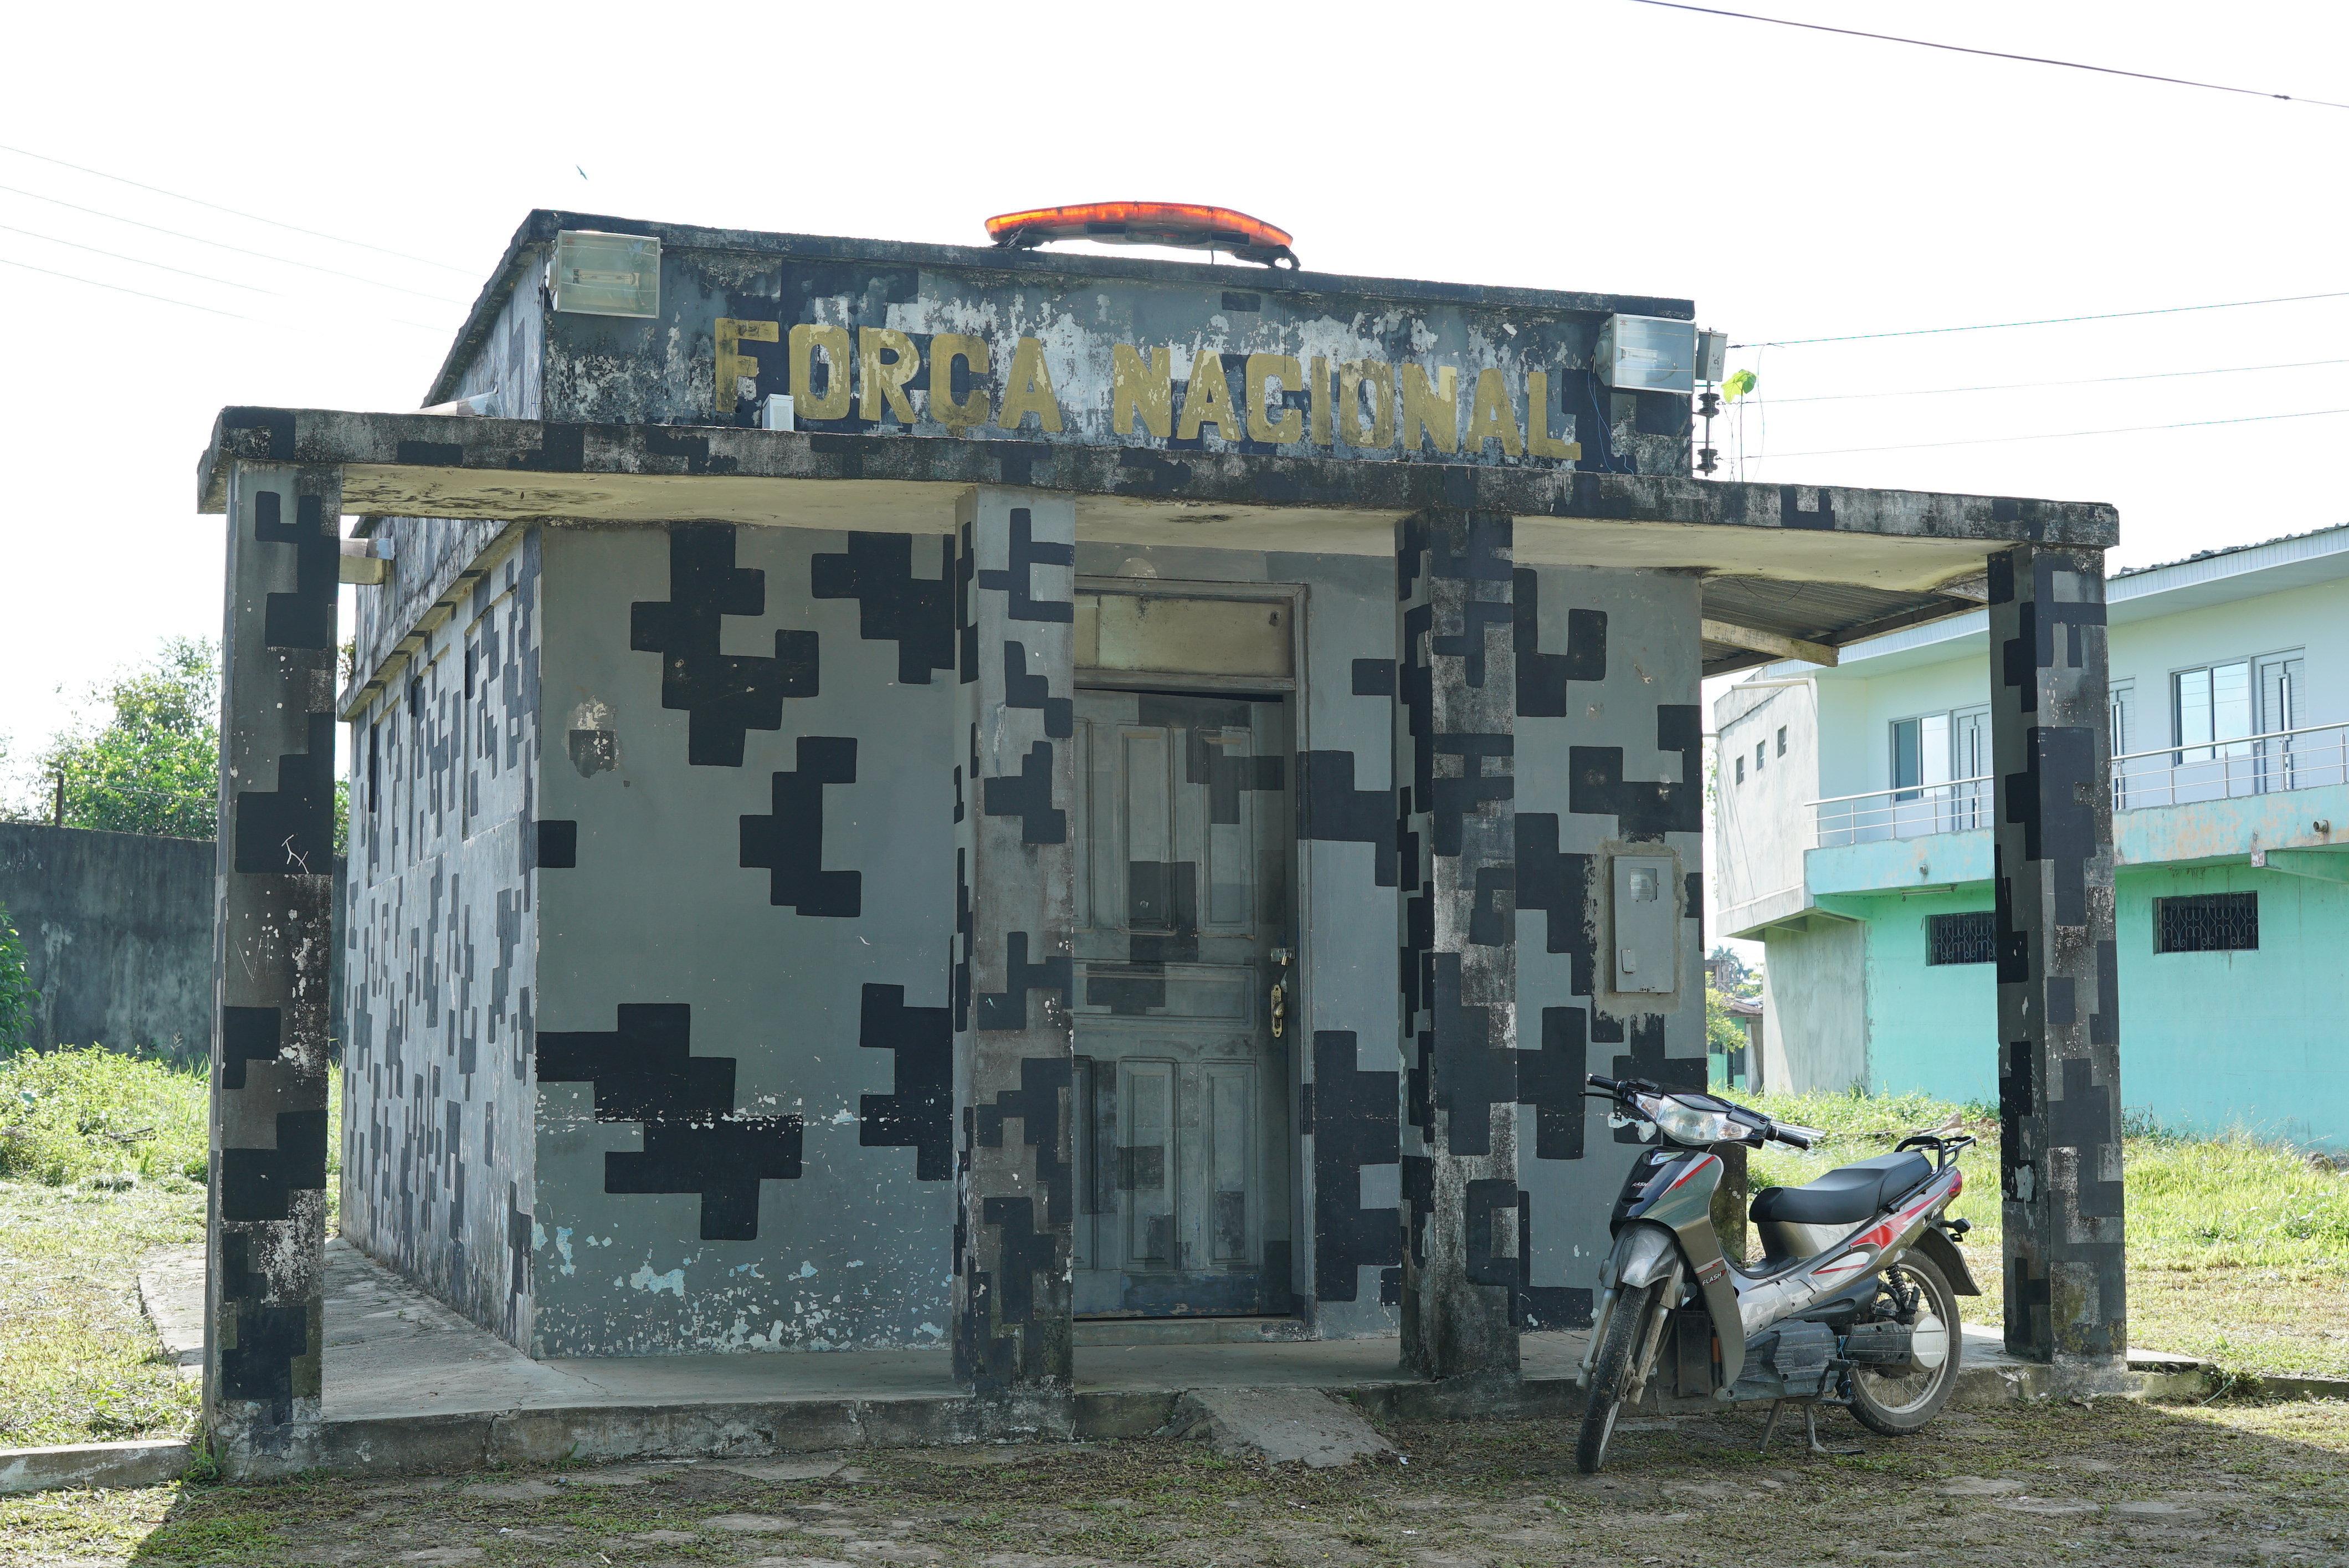 Fechado, prédio da Força Nacional é o mais próximo de uma fiscalização na fronteira entre Leticia (Colômbia) e Tabatinga (Brasil)